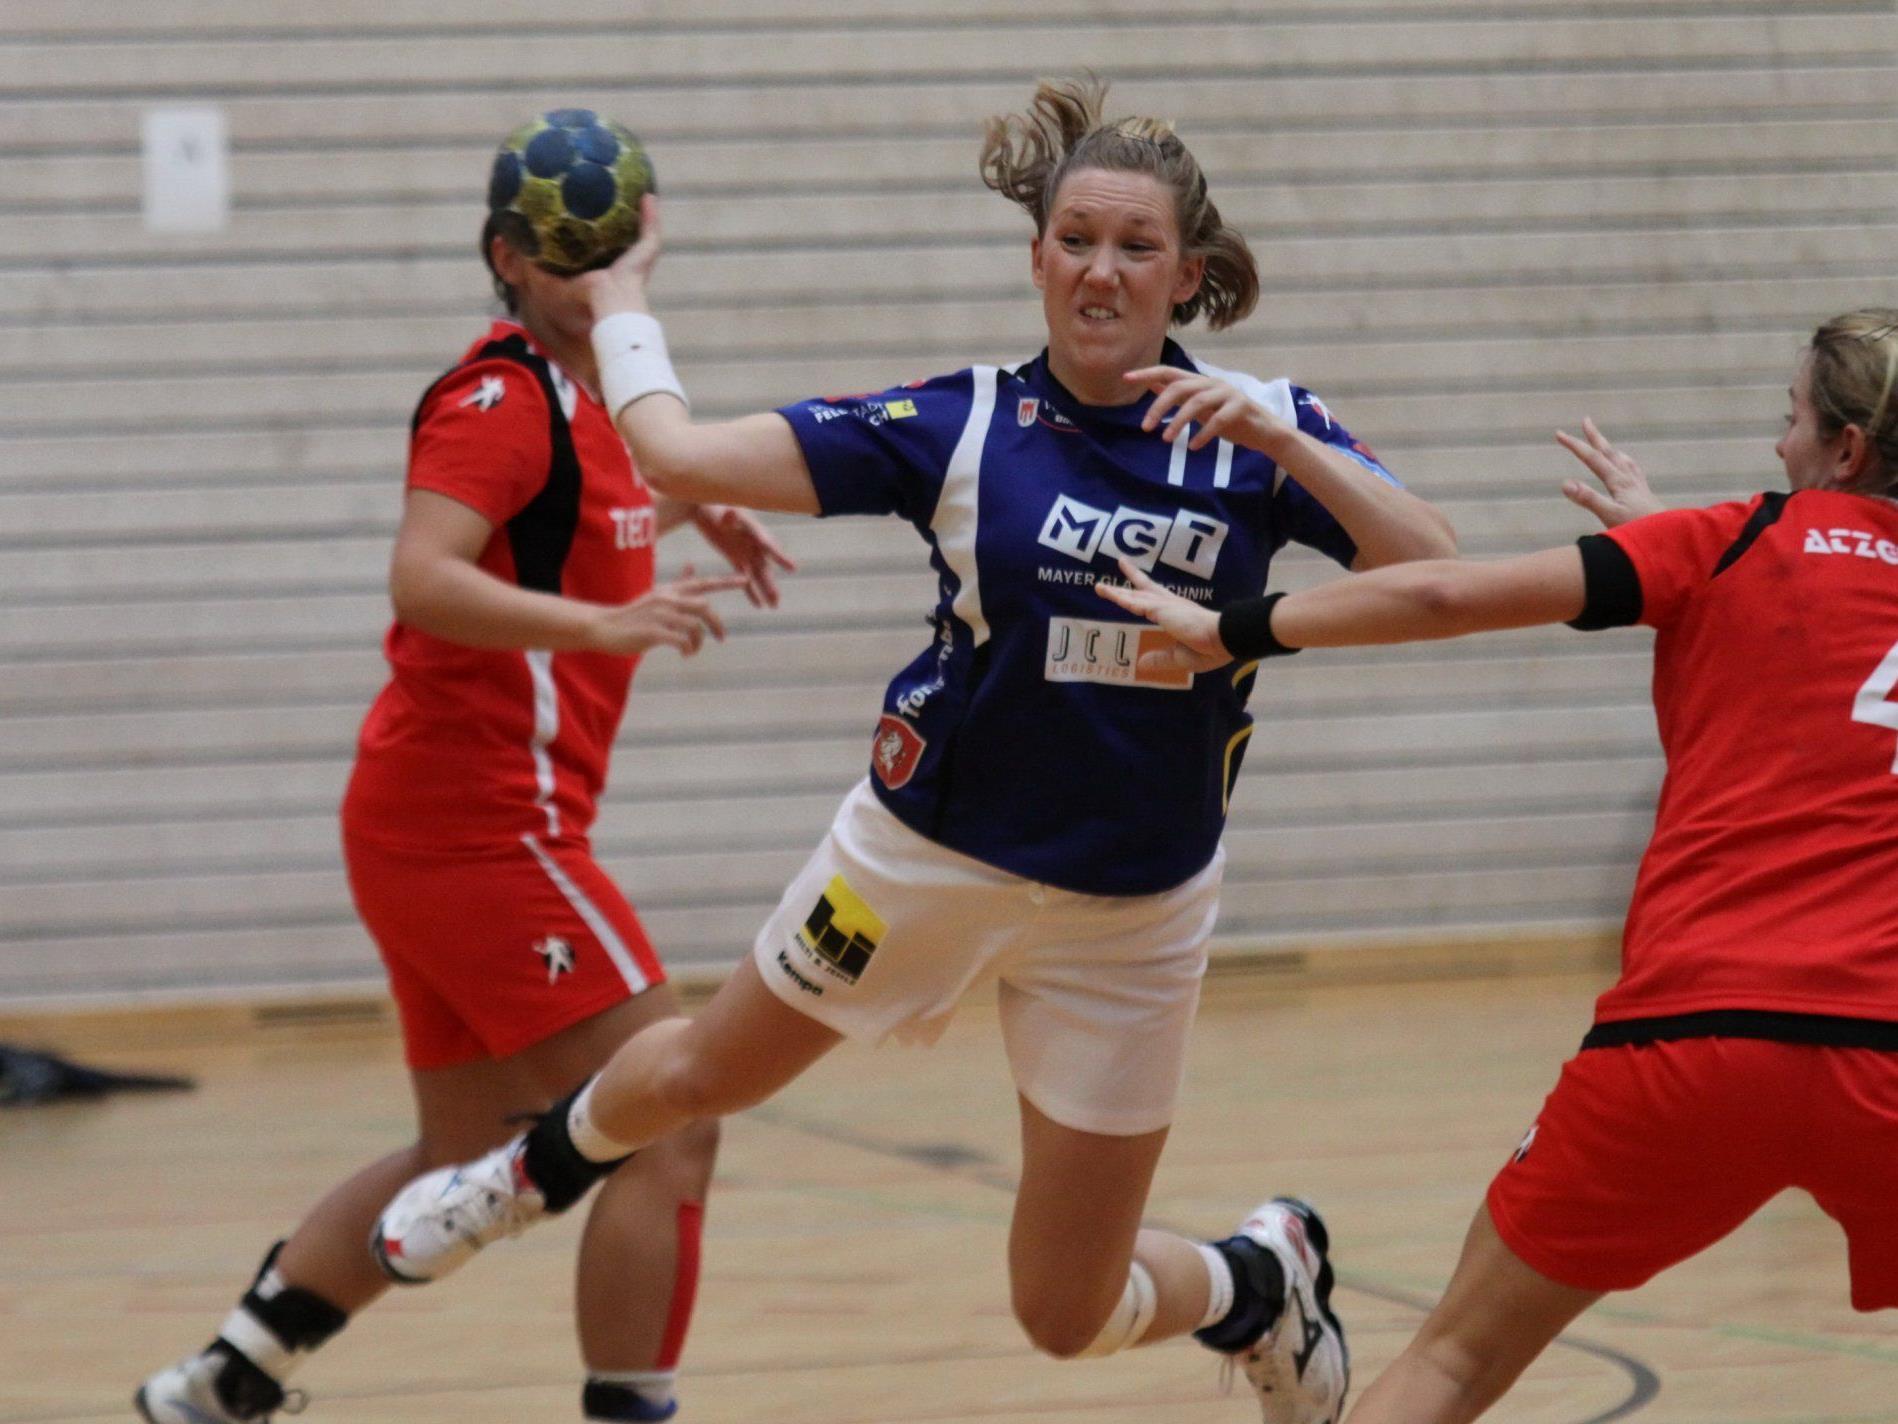 Heidi Holmberg und Cie. wollen gegen Korneuburg gewinnen und die rote Laterne abgeben.